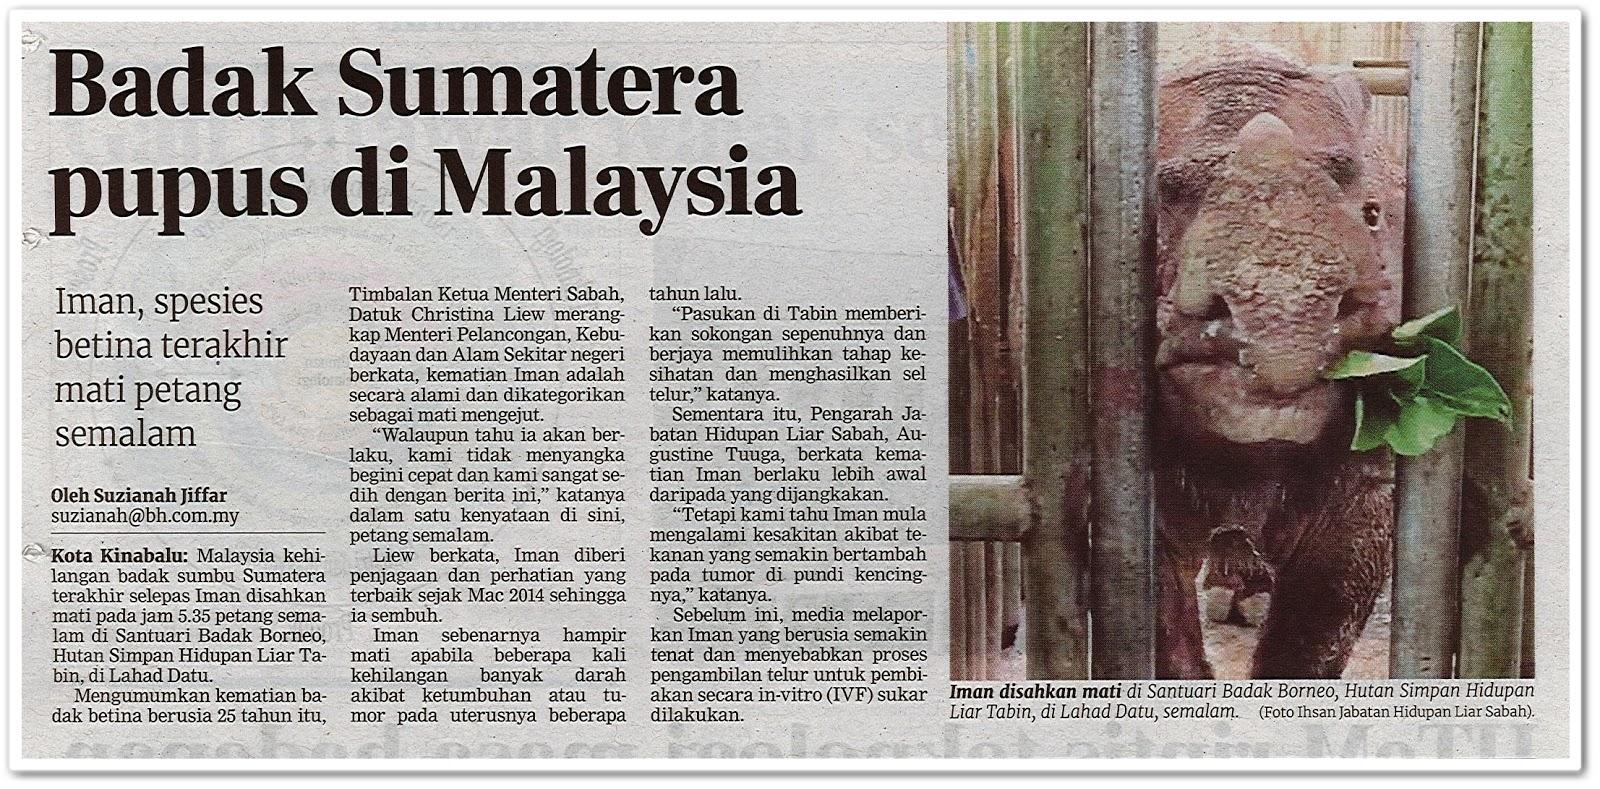 Badak Sumatera pupus di Malaysia - Keratan akhbar Berita Harian 24 November 2019